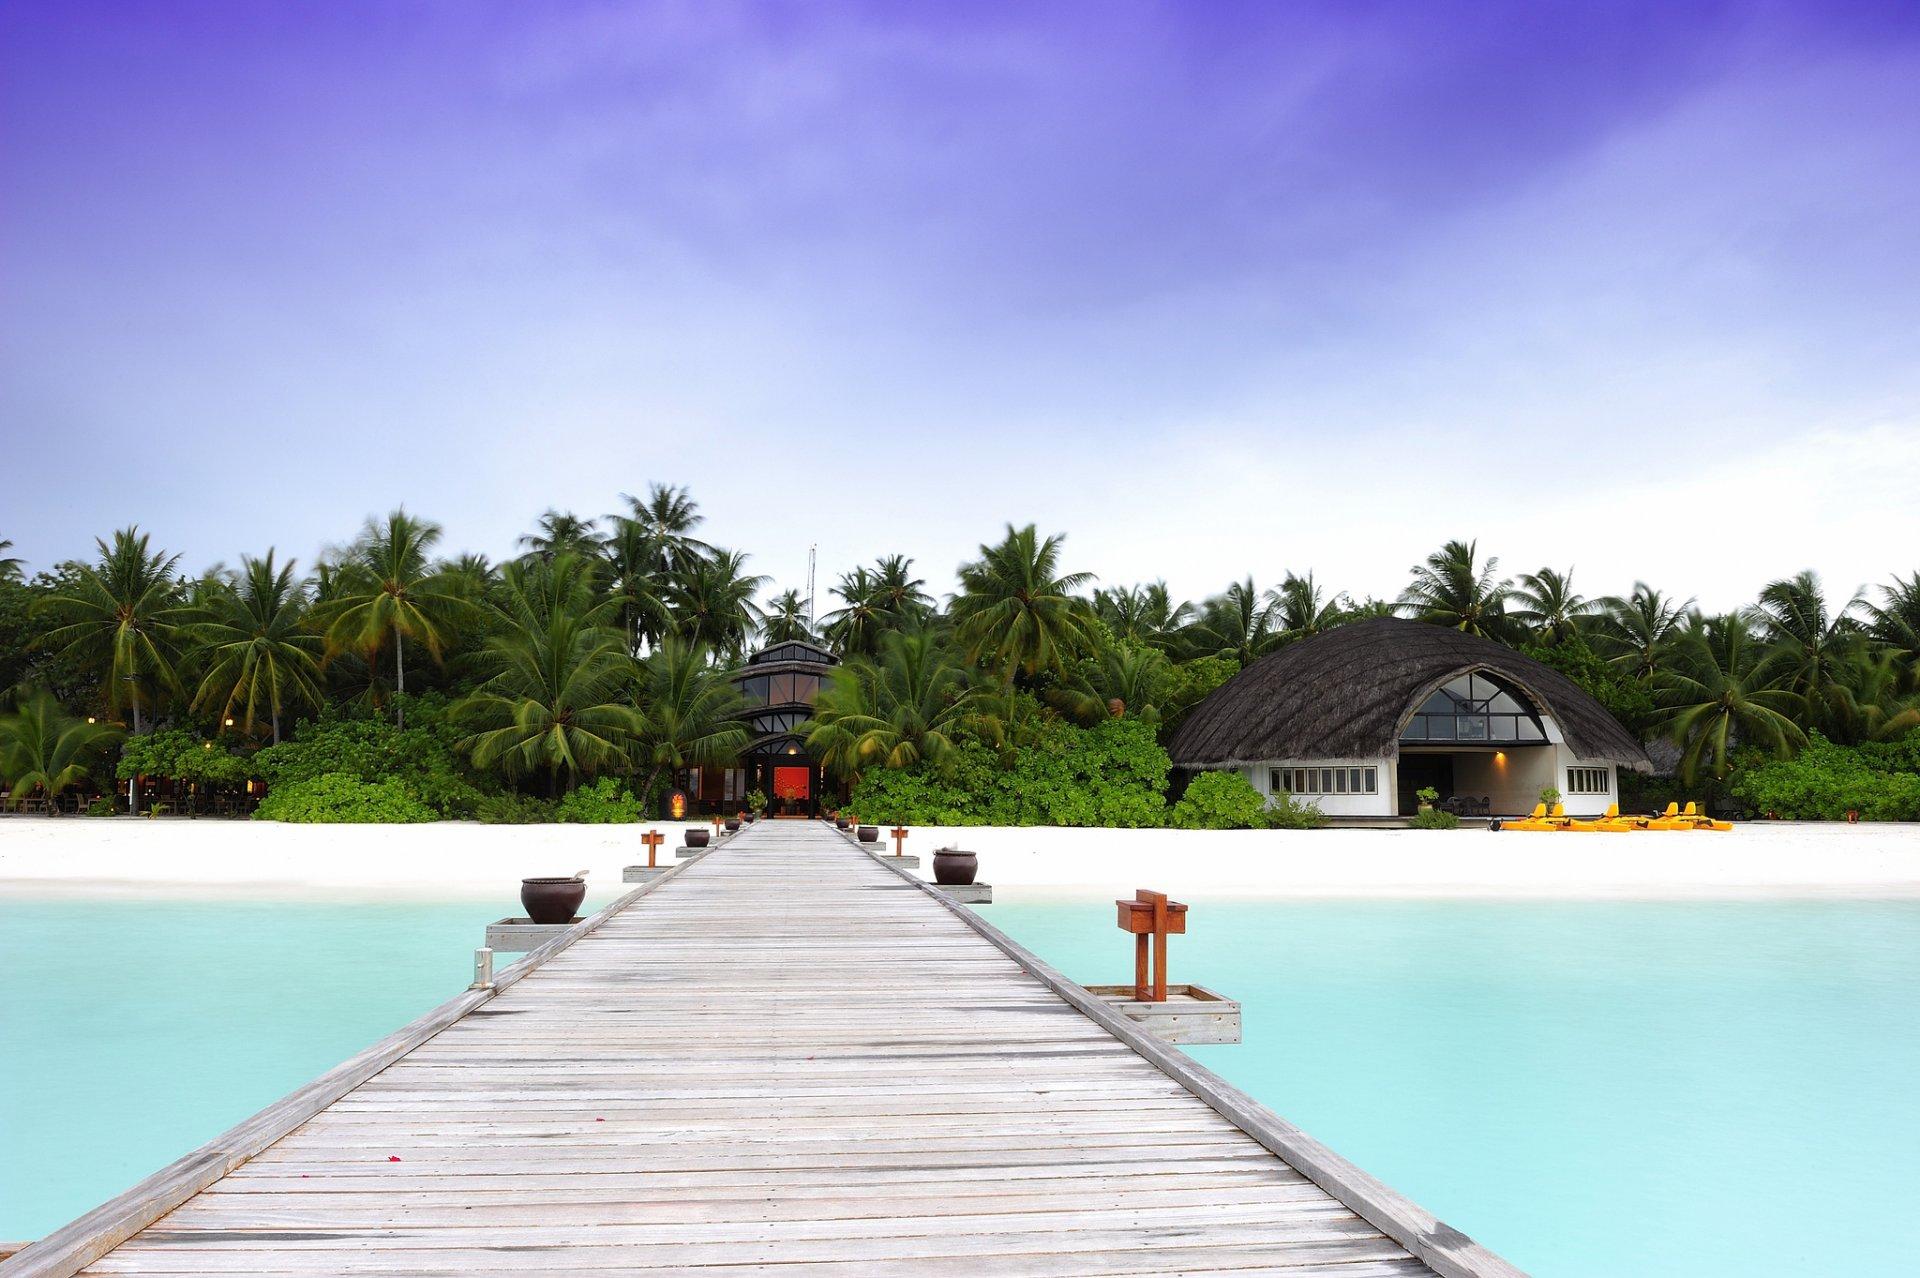 Отель апартаменты пальмы  № 3705599 бесплатно